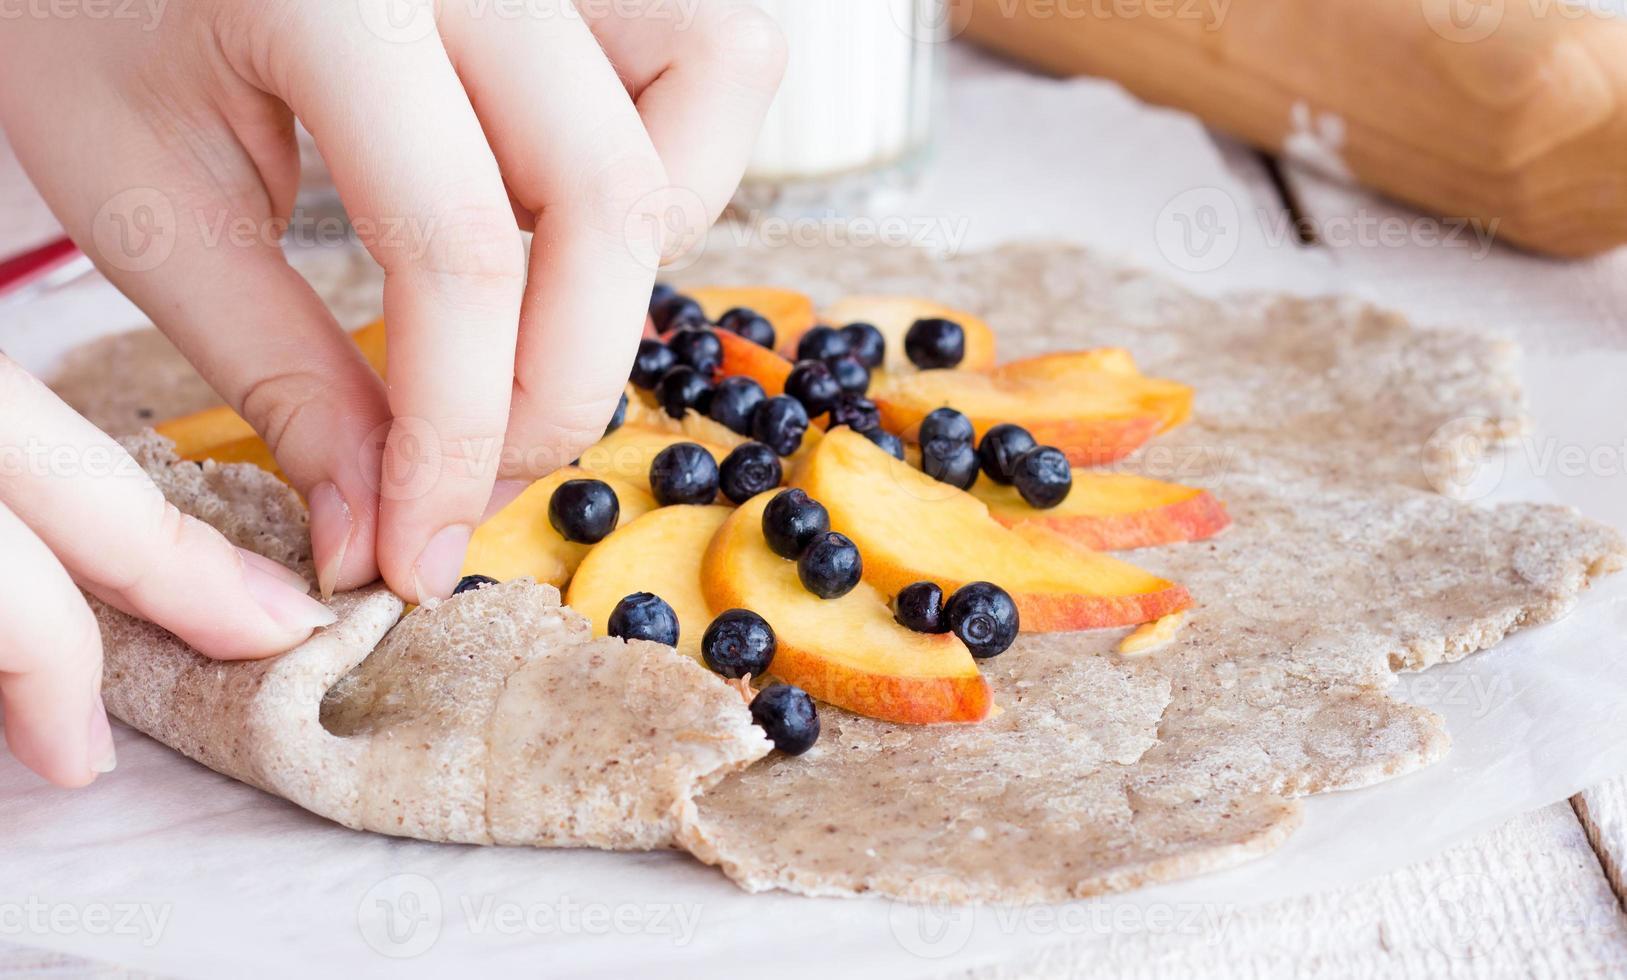 proceso de preparación de galletas con durazno y arándano foto